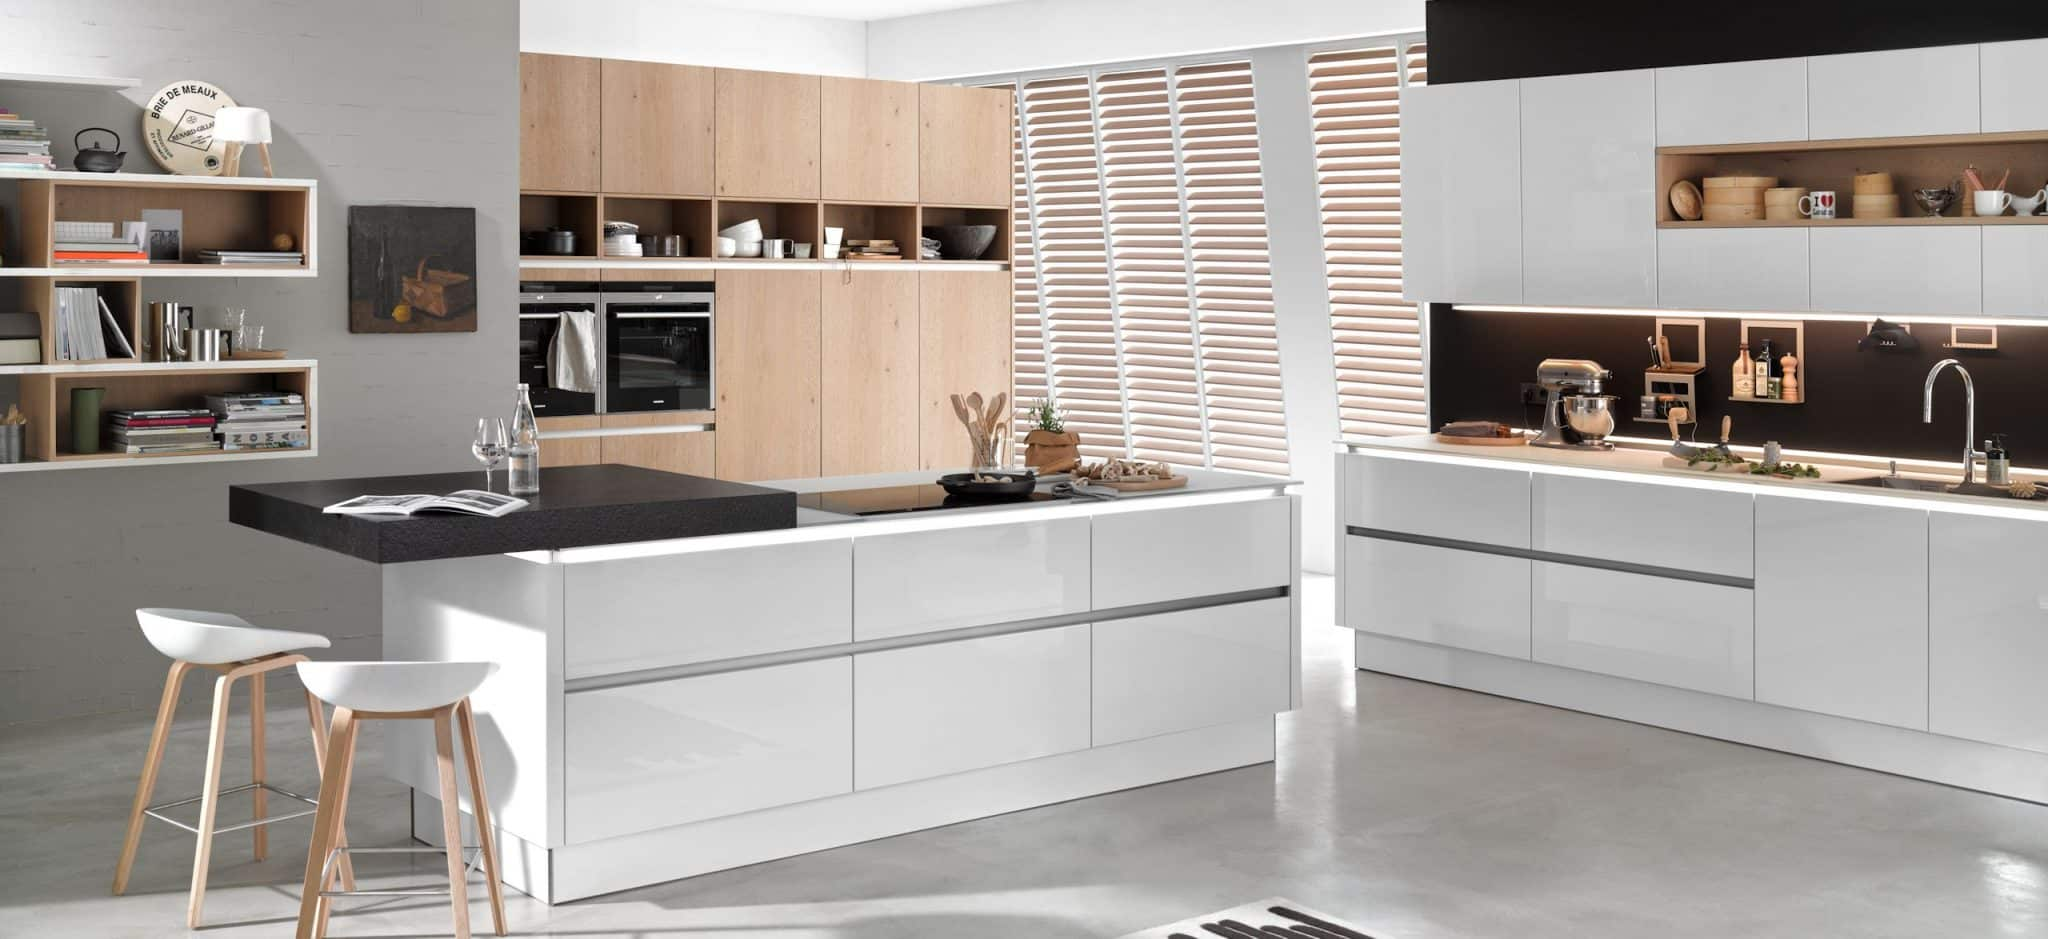 Full Size of Schmale Küche Planen Küche Planen Worauf Achten Elektroinstallation Küche Planen Download Küche Planen Kostenlos Küche Küche Planen